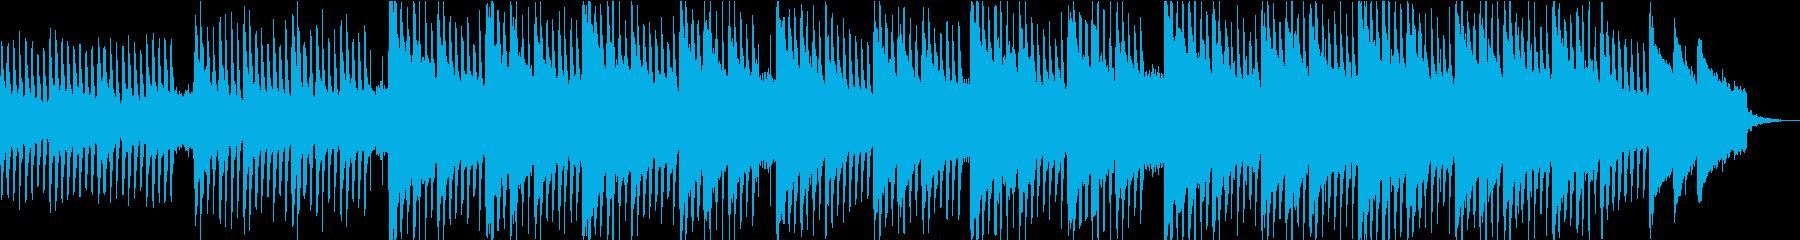 クール・幻想的・美しい・コーポレート③の再生済みの波形